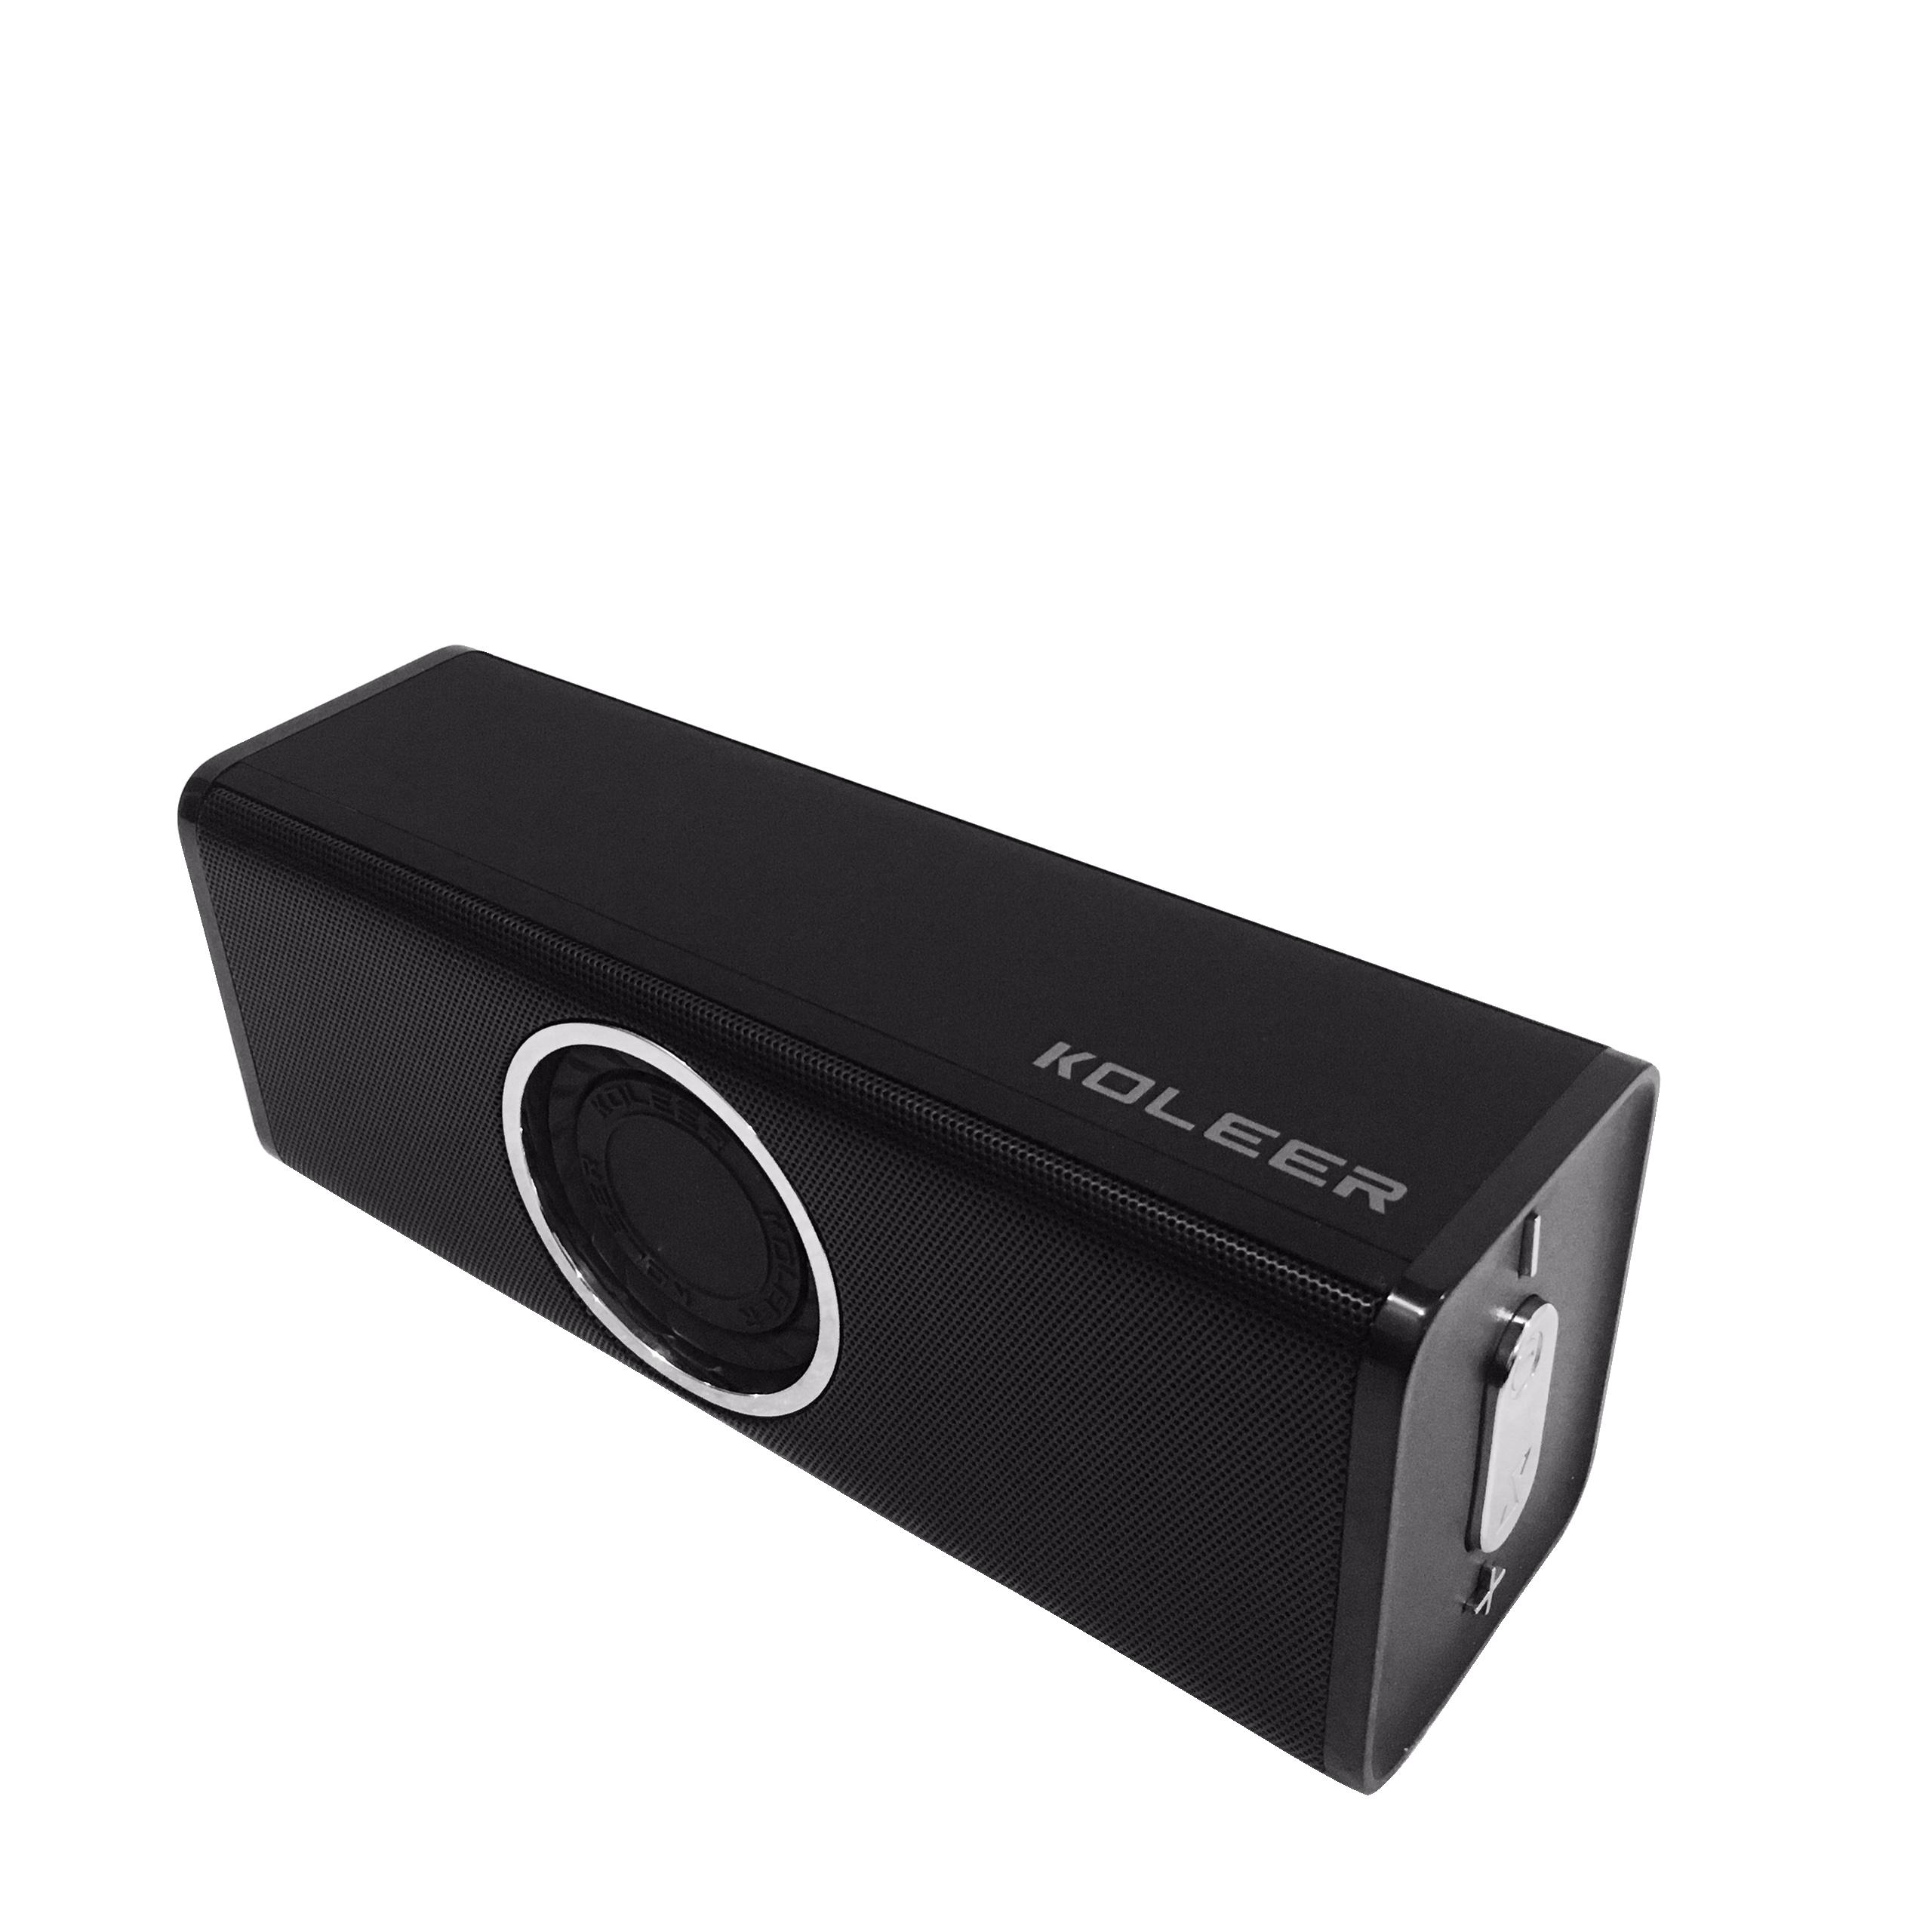 Loa Bluetooth Bass âm Thanh Sống Động chuẩn HIFI PKCB H5 3 trong 1